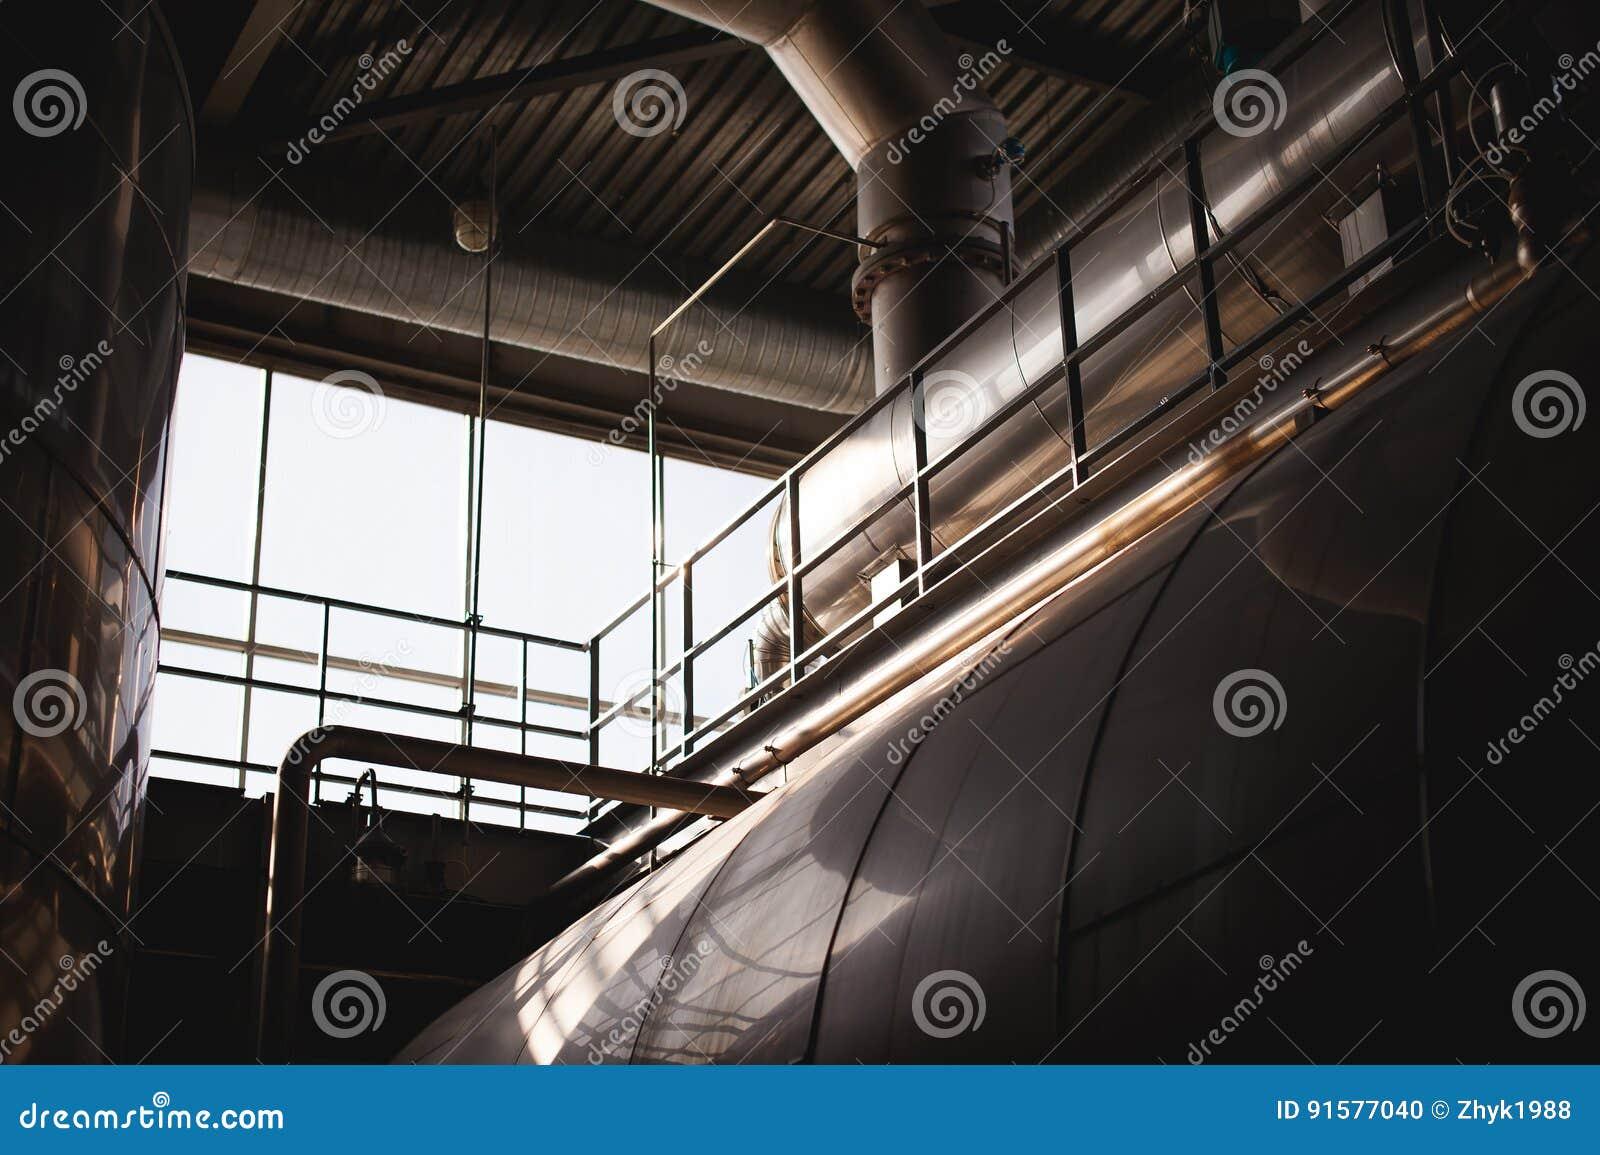 Bierfertigungslinie Ausrüstung für das inszenierte Produktionsabfüllen von fertigen Nahrungsmitteln Metallbauten, Rohre und Behäl